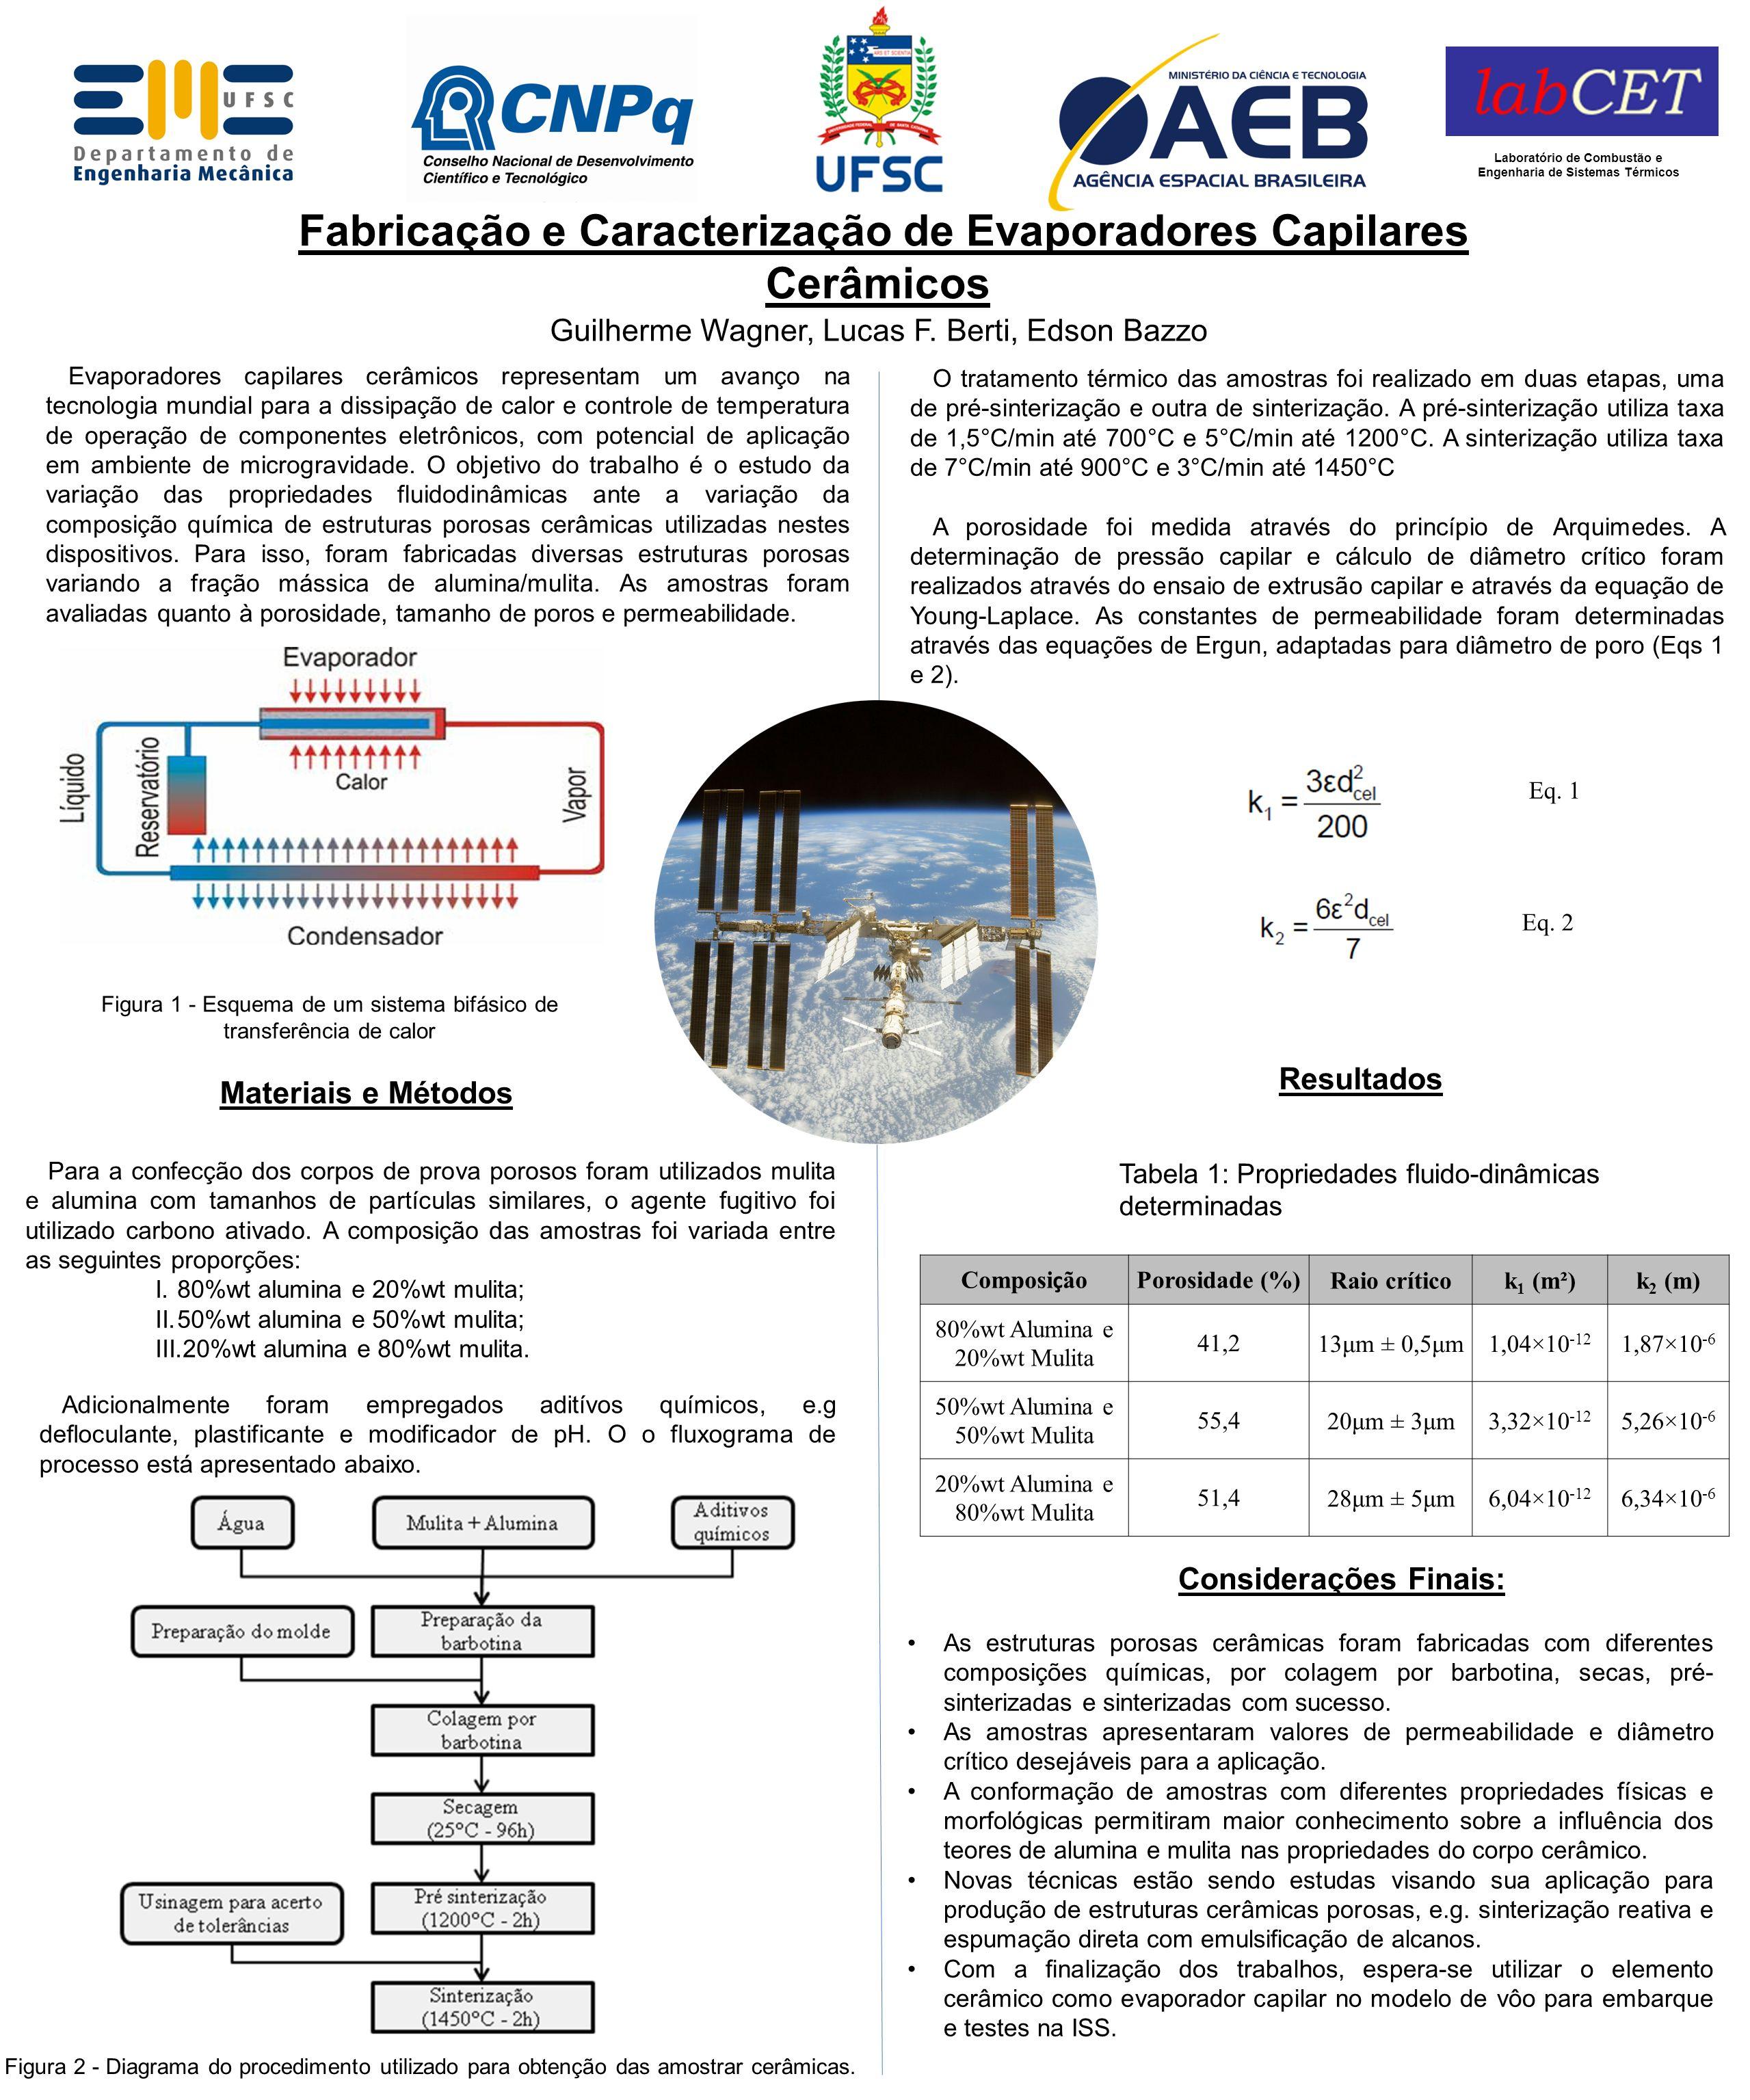 Evaporadores capilares cerâmicos representam um avanço na tecnologia mundial para a dissipação de calor e controle de temperatura de operação de compo